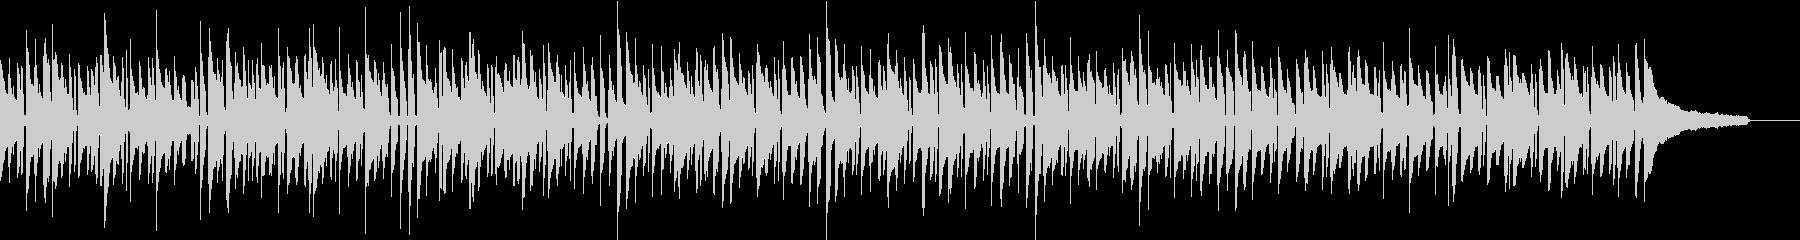 ほのぼのとした雰囲気の気の抜けたBGMの未再生の波形